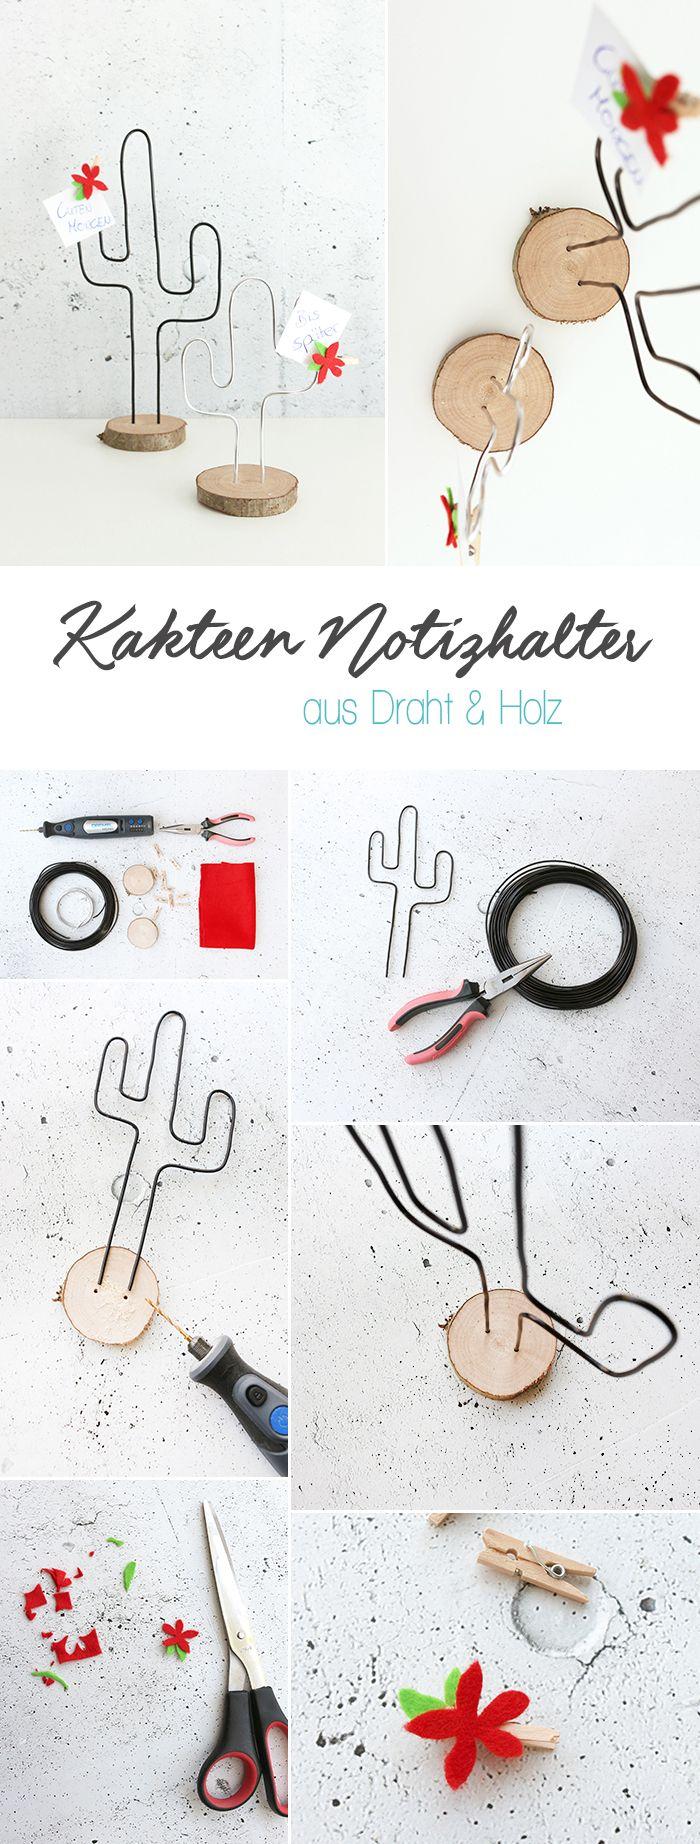 Do it yourself: Kaktus-Notizhalter aus Draht und Baumscheibe basteln #casualfashion